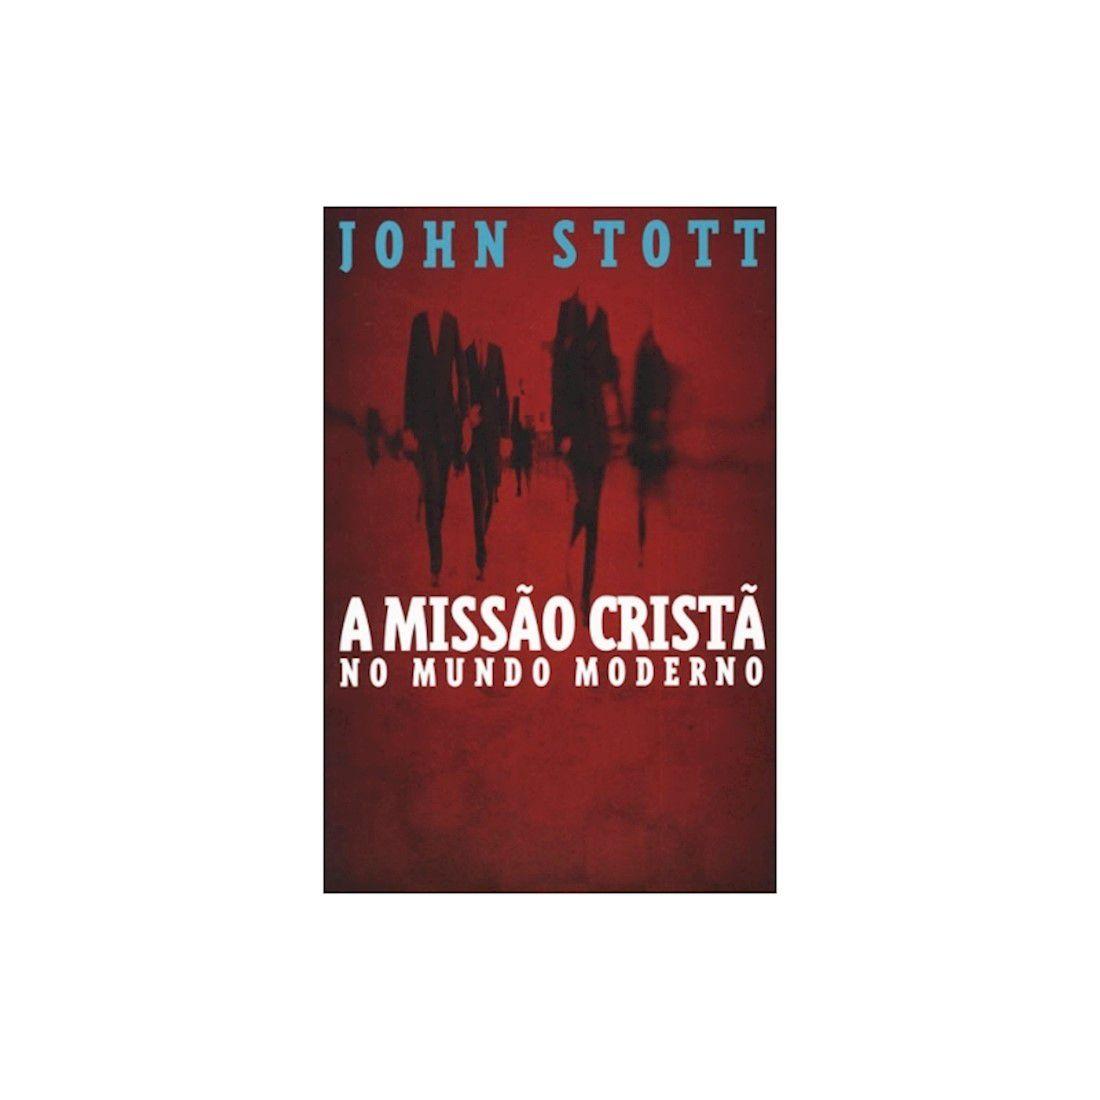 Livro A Missão Cristã no Mundo Moderno